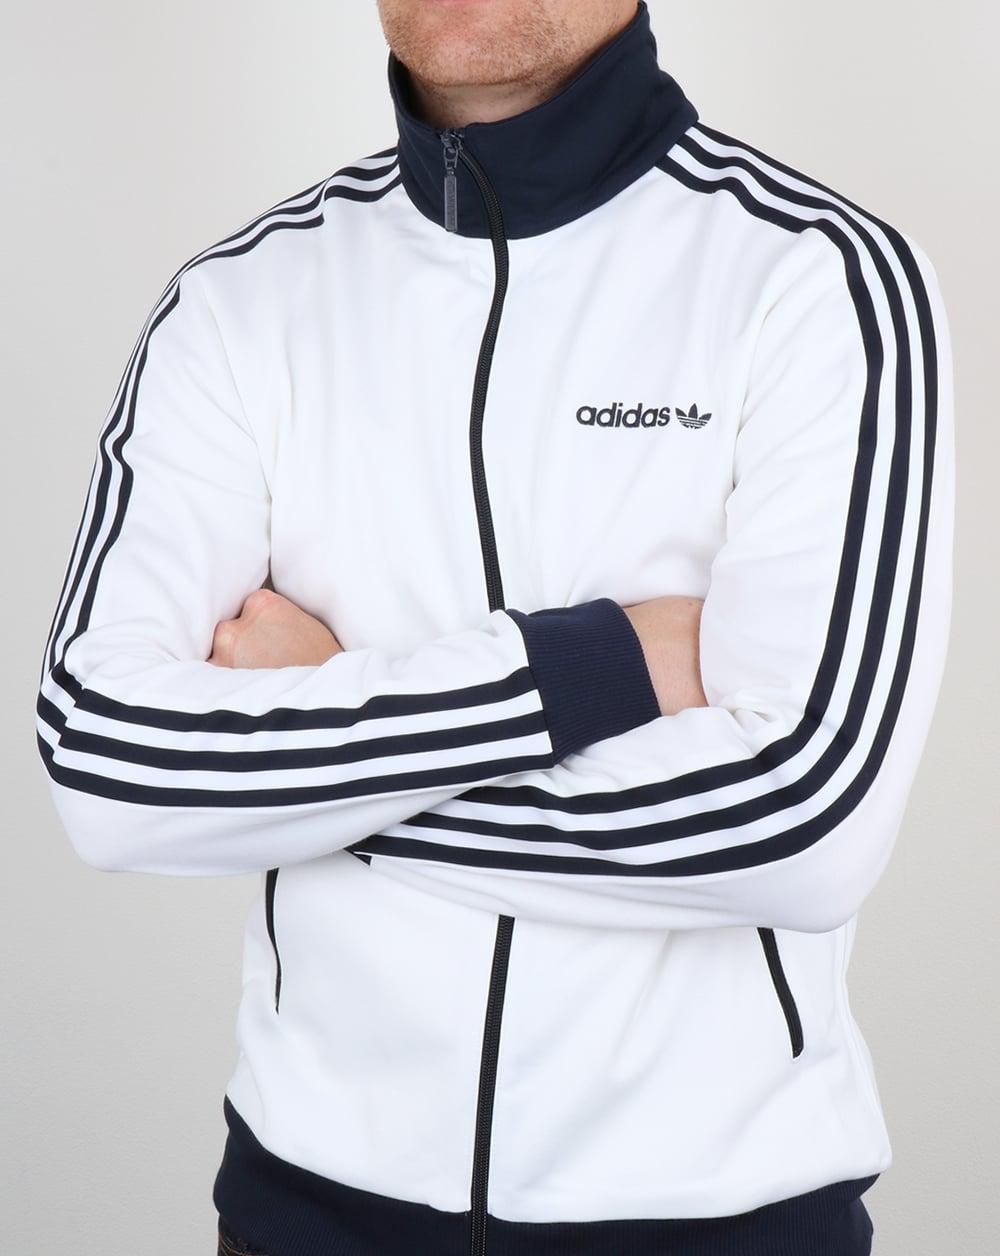 design innovativo il migliore selezione mondiale di Adidas Beckenbauer, Track Top, White, Navy, Jacket, Originals, Black